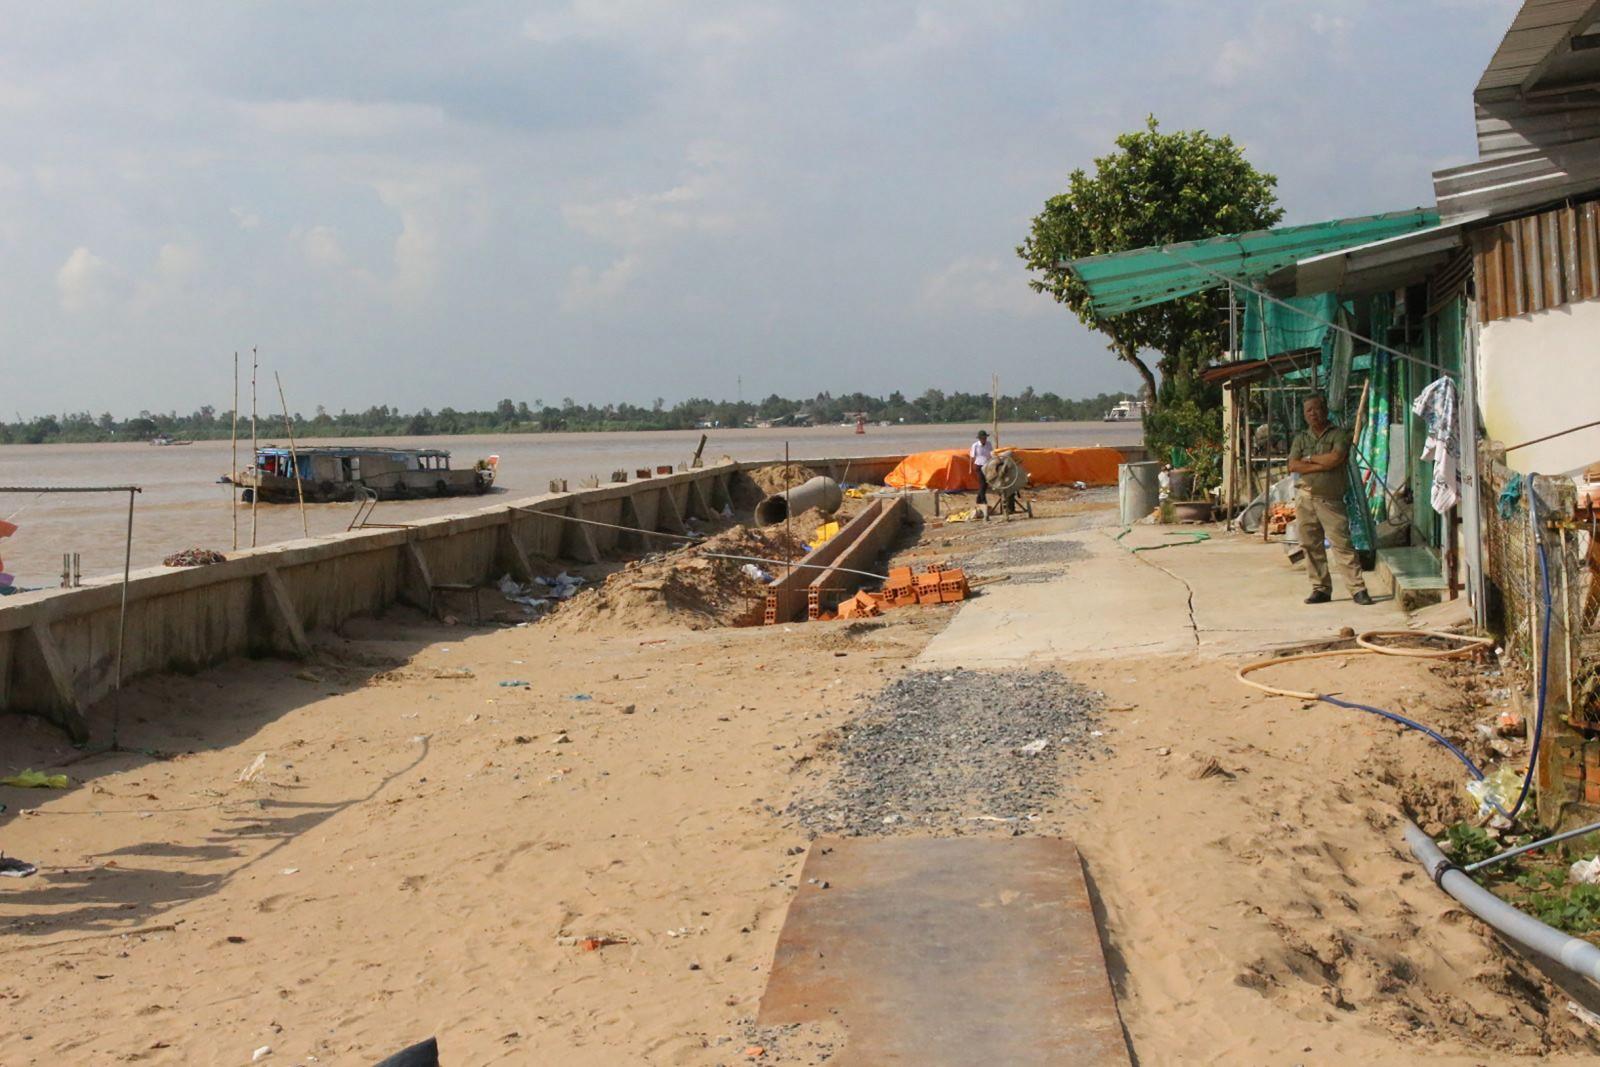 Công trình xây dựng kè sông Ô Môn (khu vực Thới Lợi, phường Thới An) chuẩn bị hoàn thành, góp phần phát triển, tạo cảnh quan đô thị sông nước trên địa bàn quận Ô Môn.